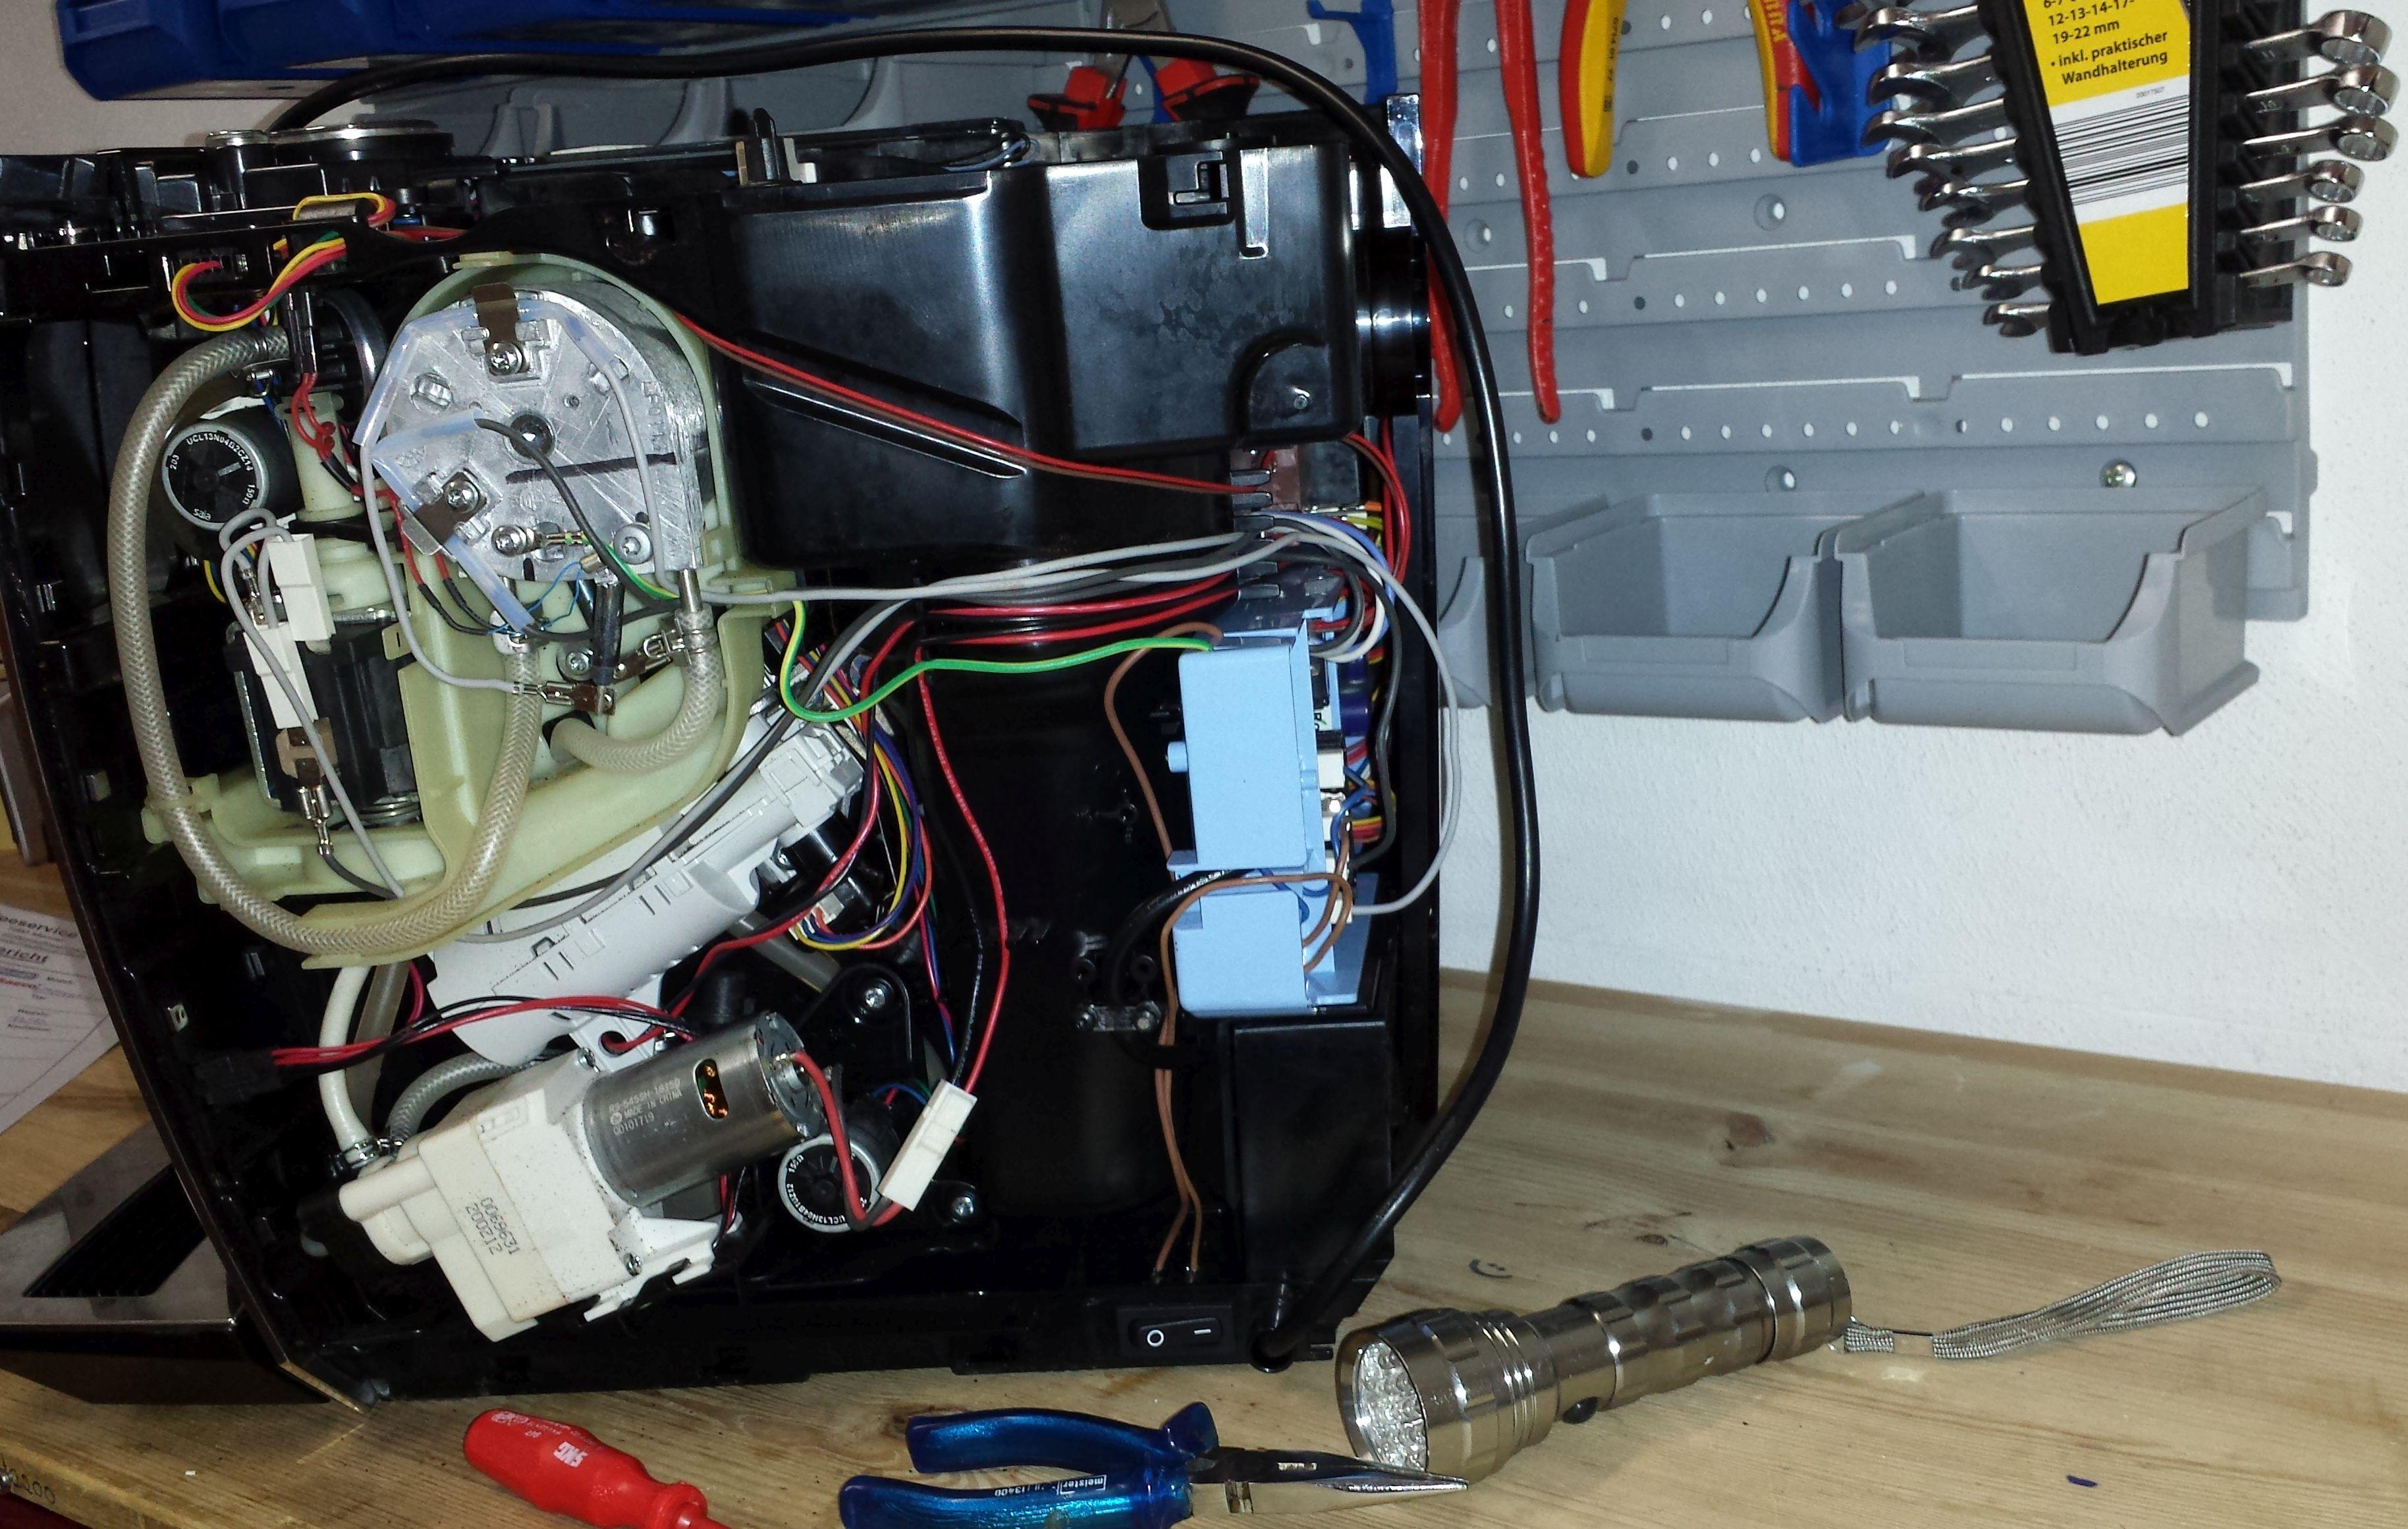 ms kaffeeservice reparatur und kundendienst von kaffeevollautomaten. Black Bedroom Furniture Sets. Home Design Ideas